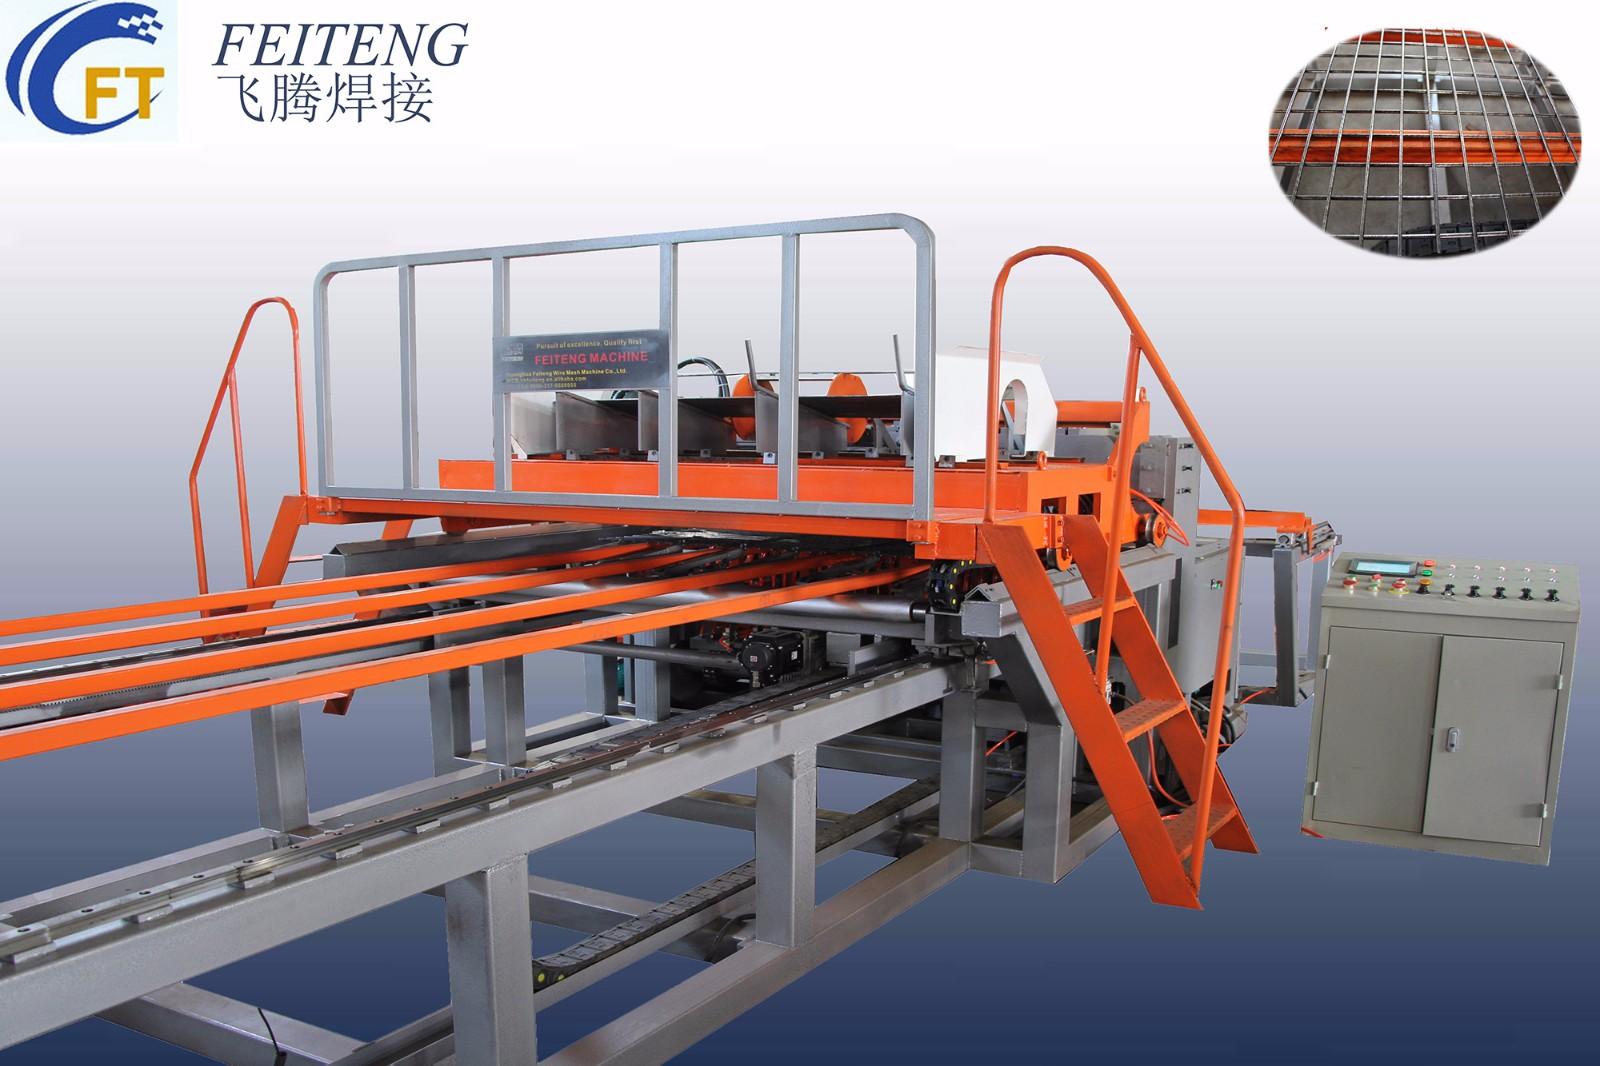 建筑网片机钢筋网焊机直条.jpg